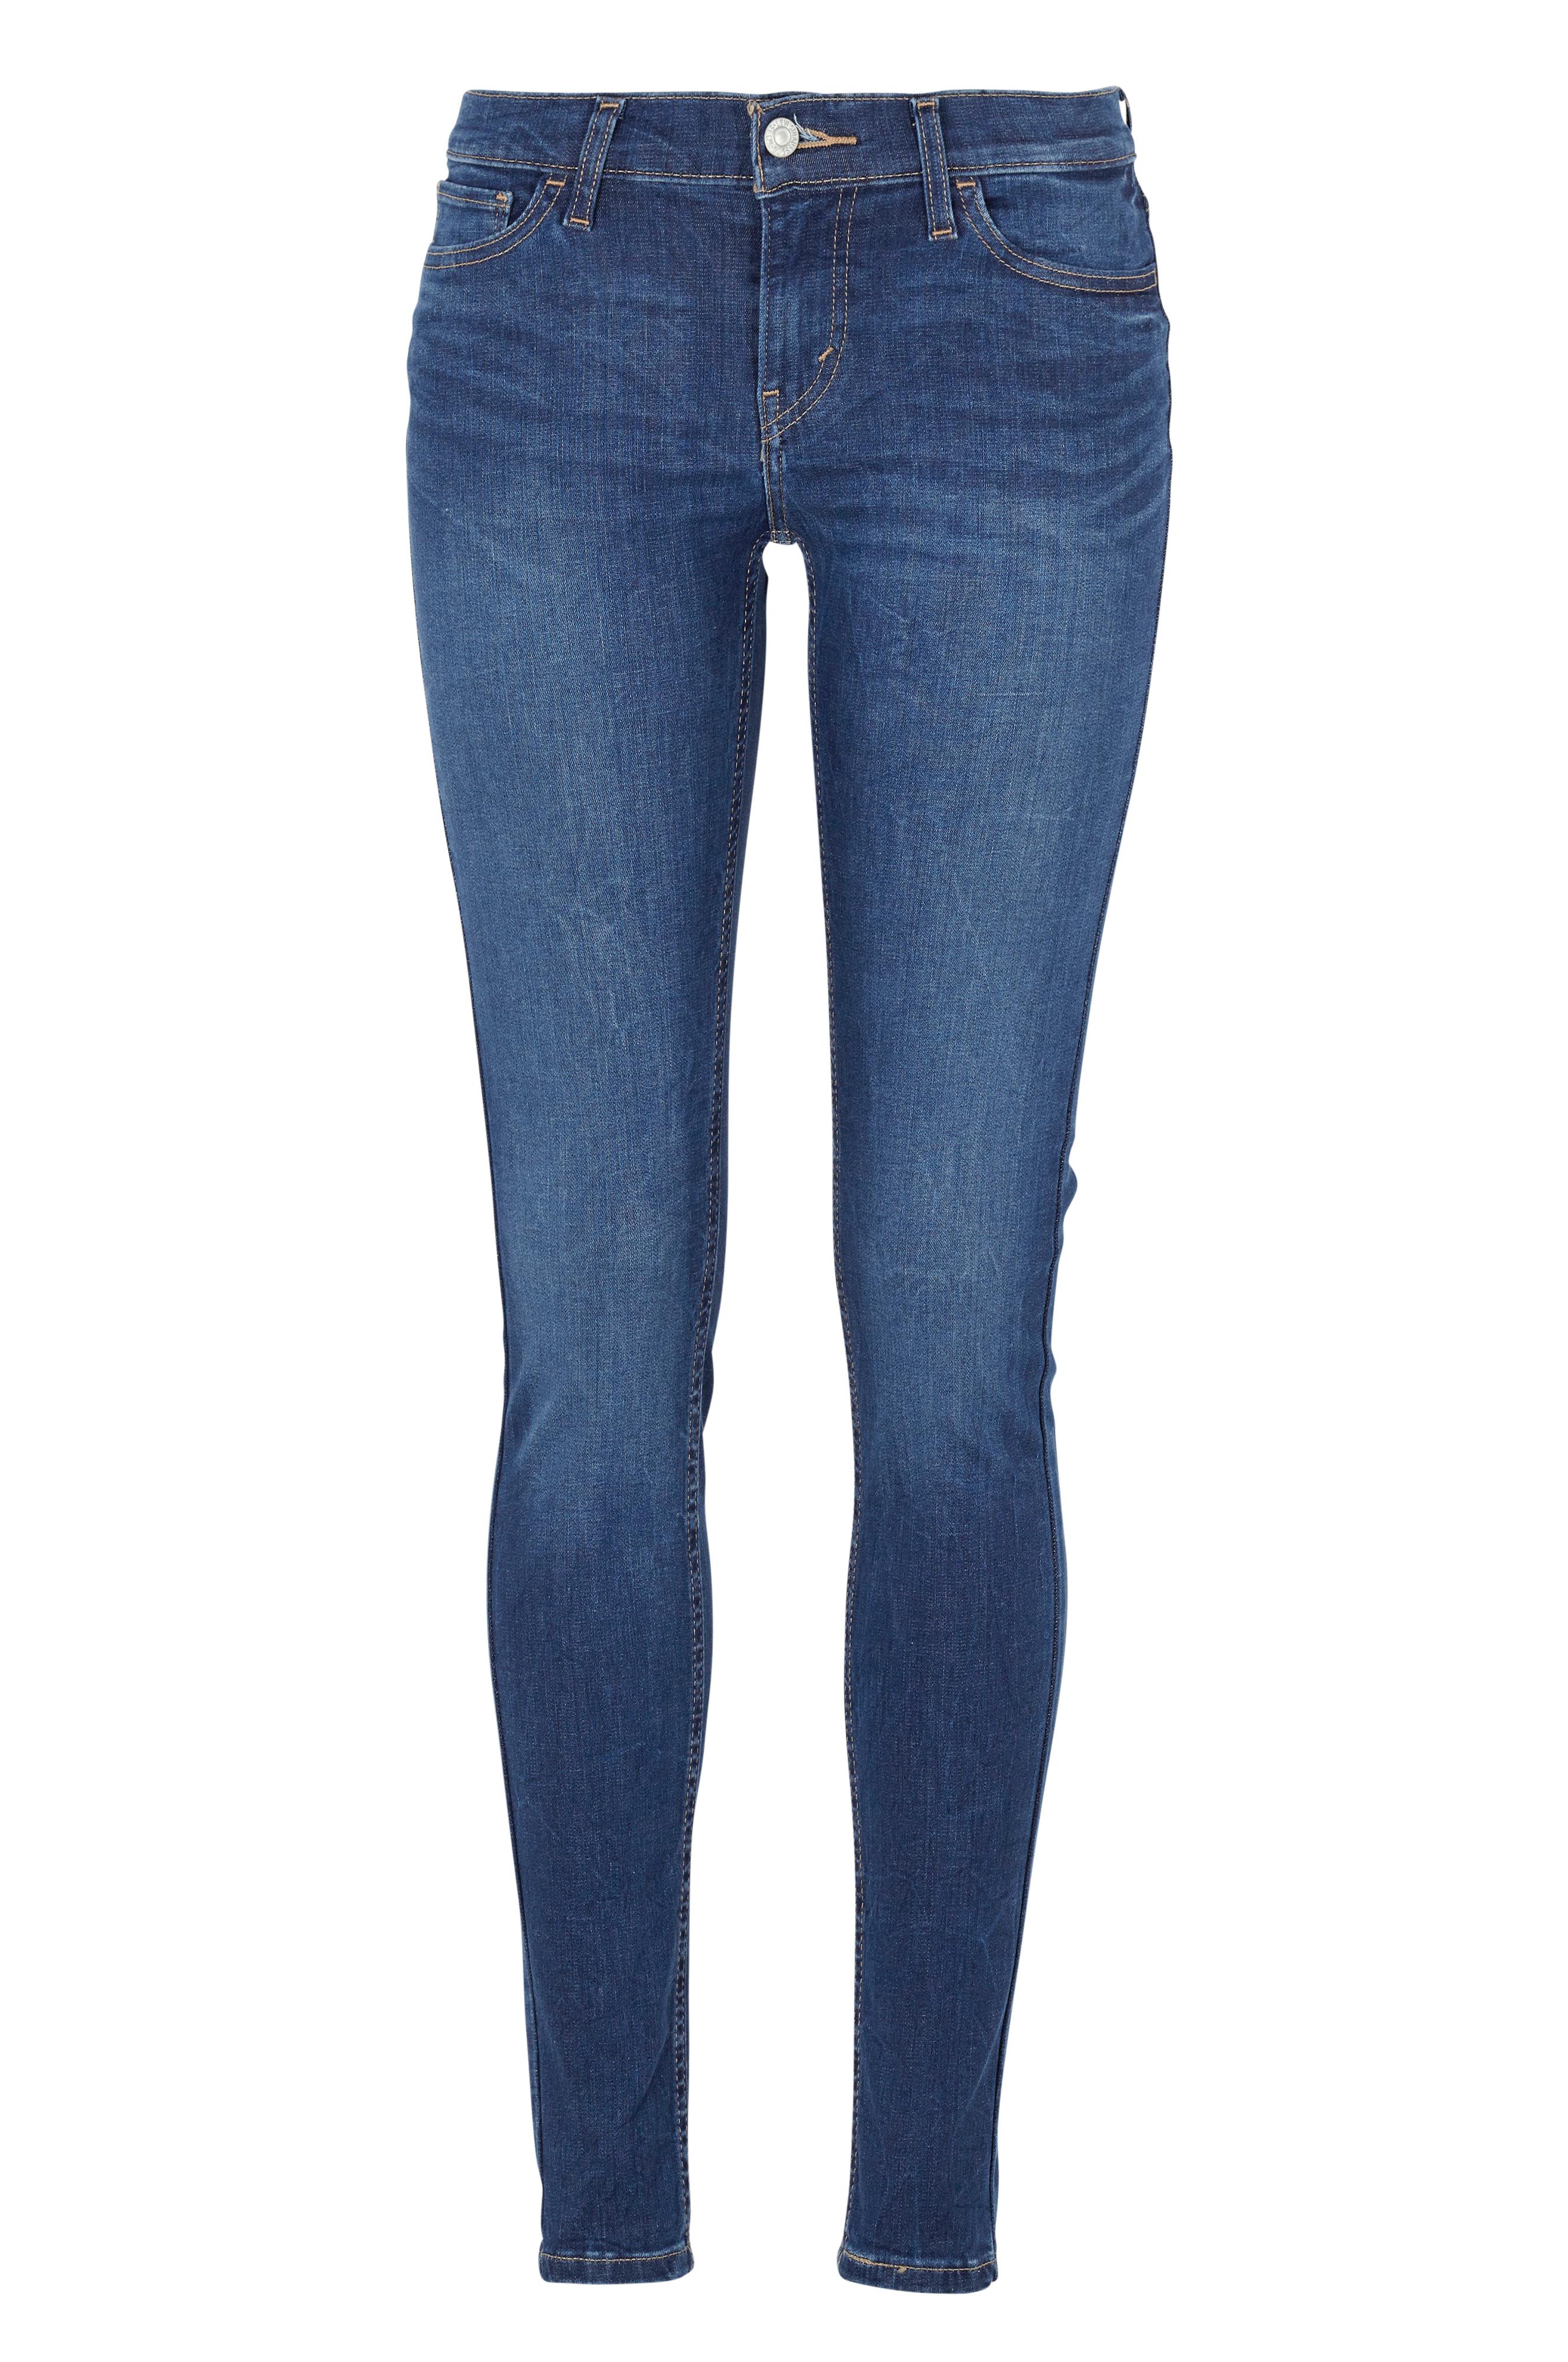 levi 39 s jeans 710 super skinny fit bl dame. Black Bedroom Furniture Sets. Home Design Ideas